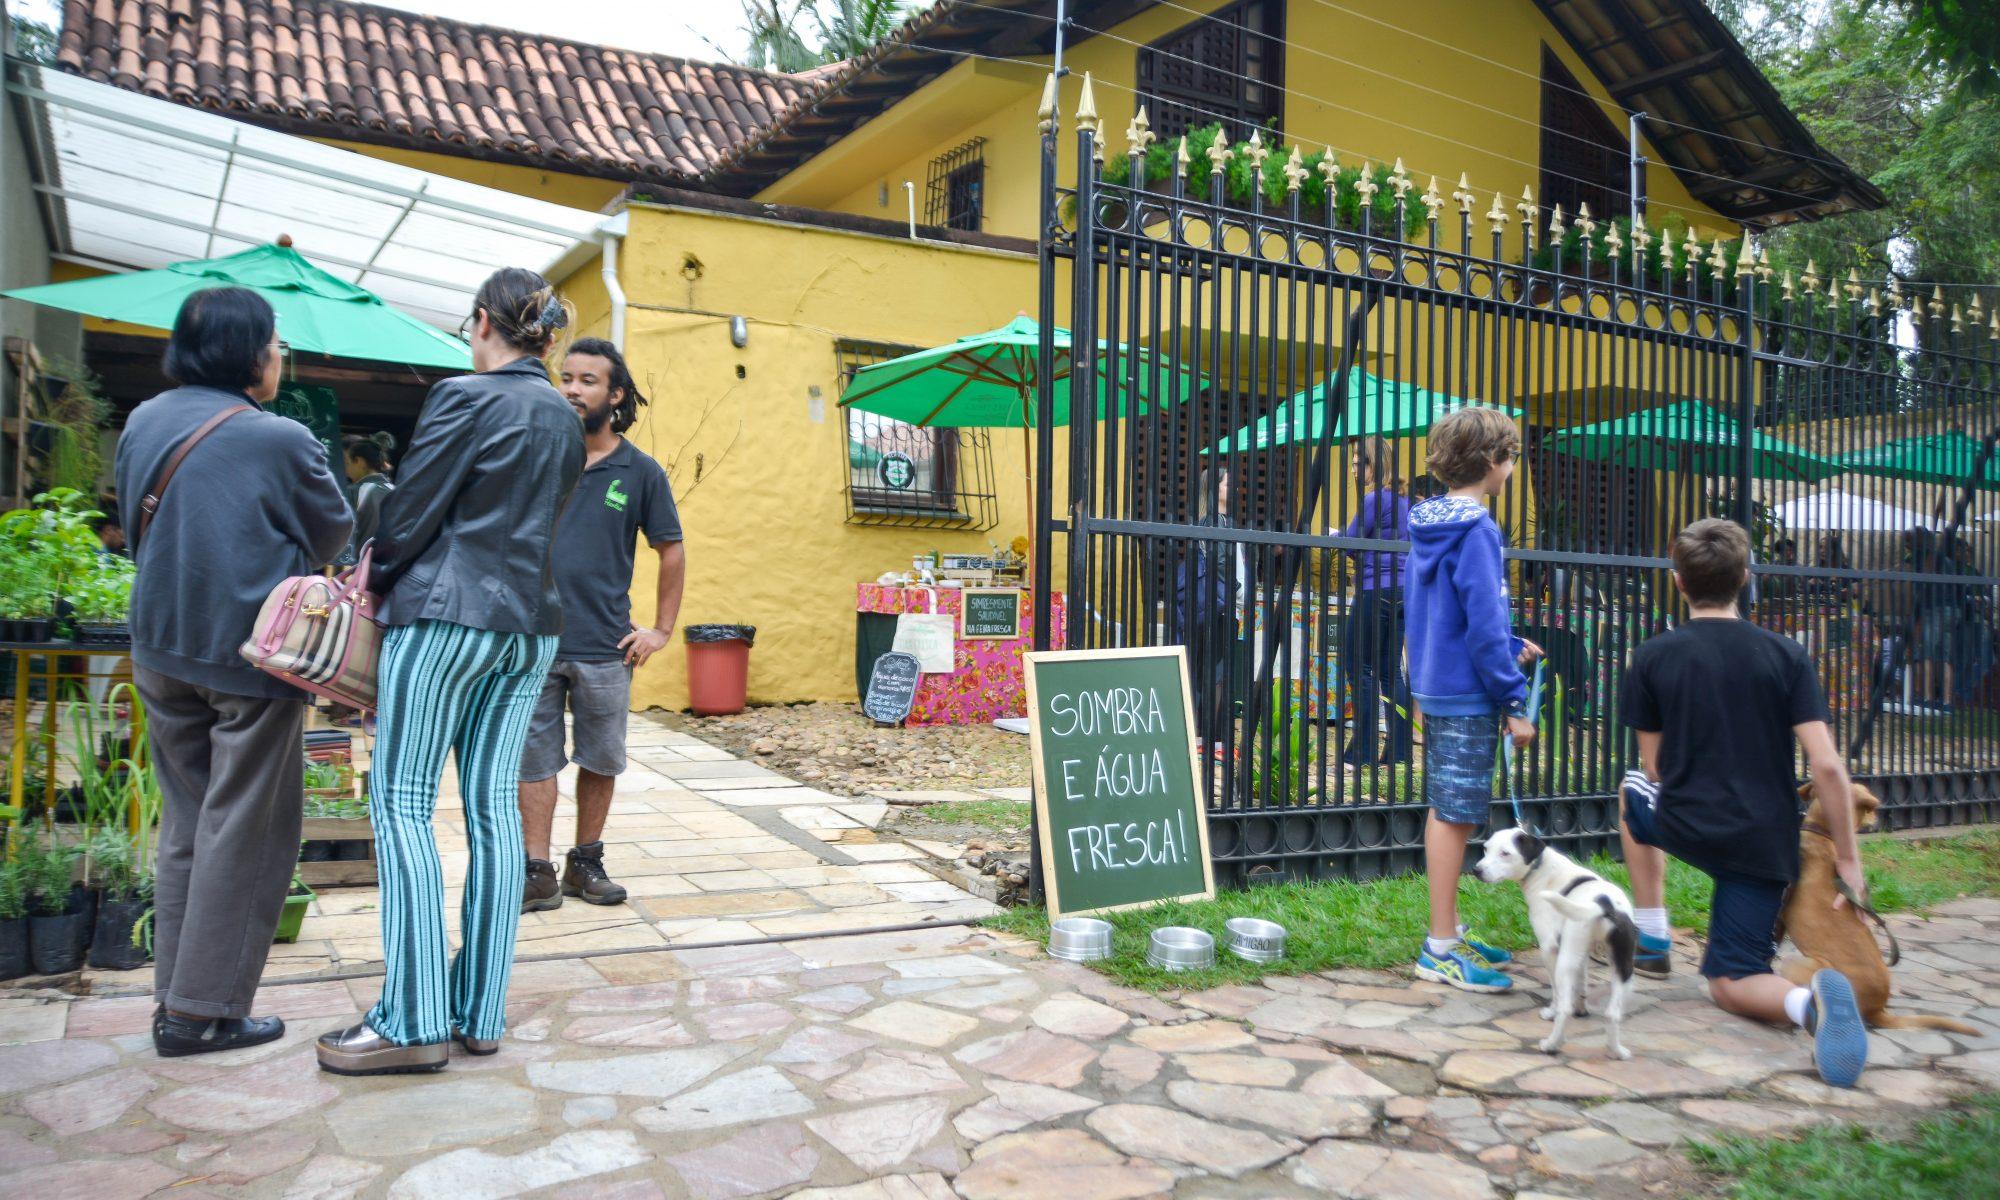 Casa Amarela Feira Fresca no São Bento